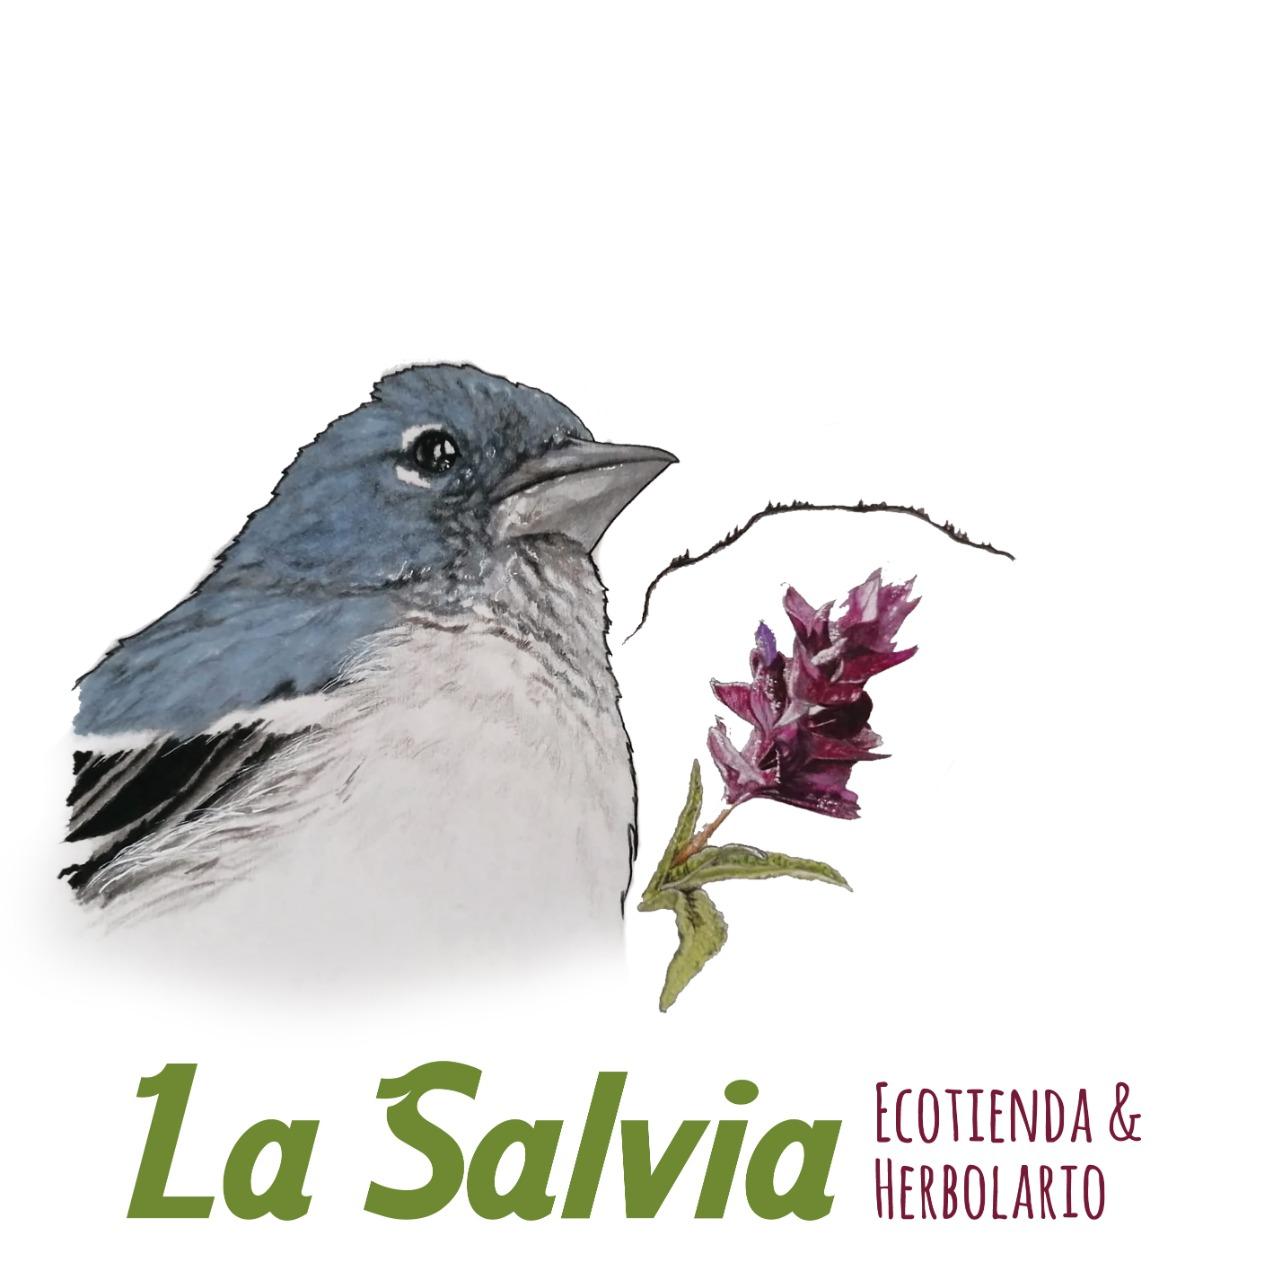 Ecotienda y Herbolario La Salvia